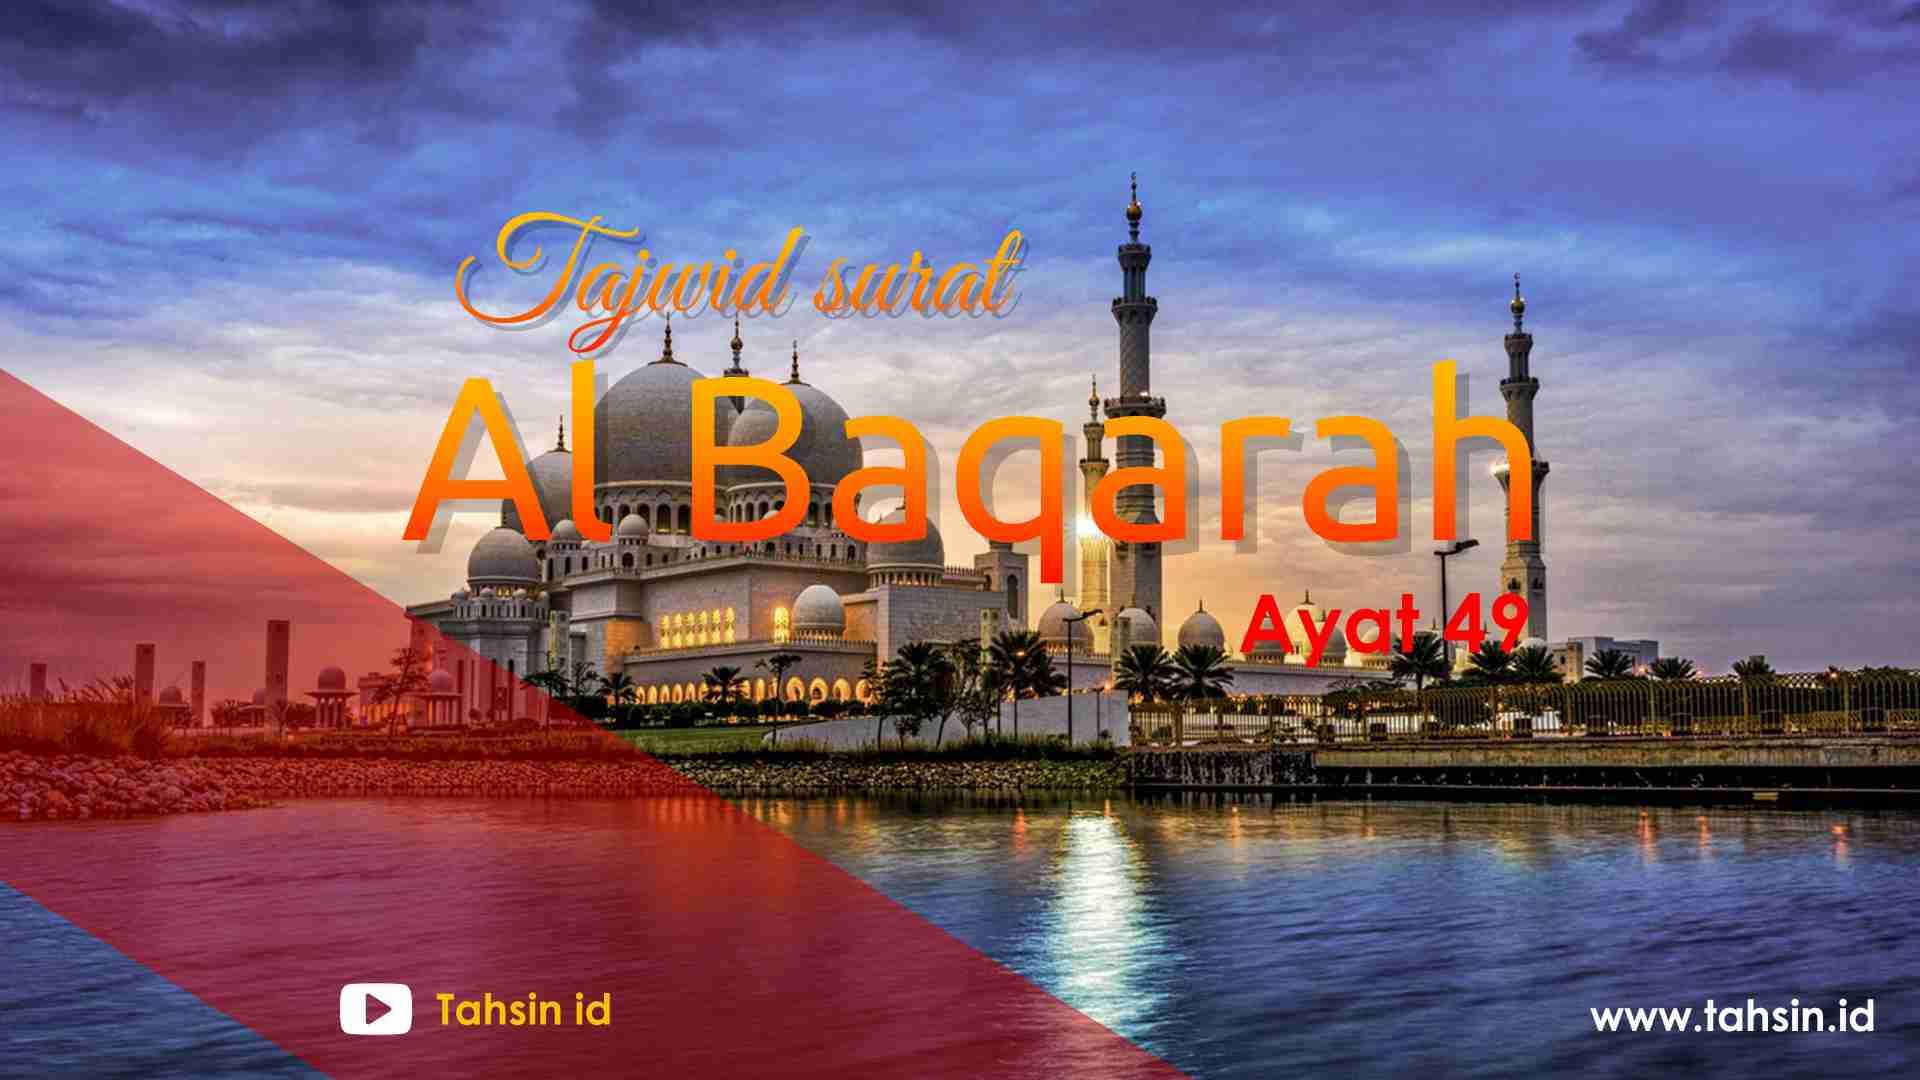 Tajwid surat Al Baqarah ayat 49